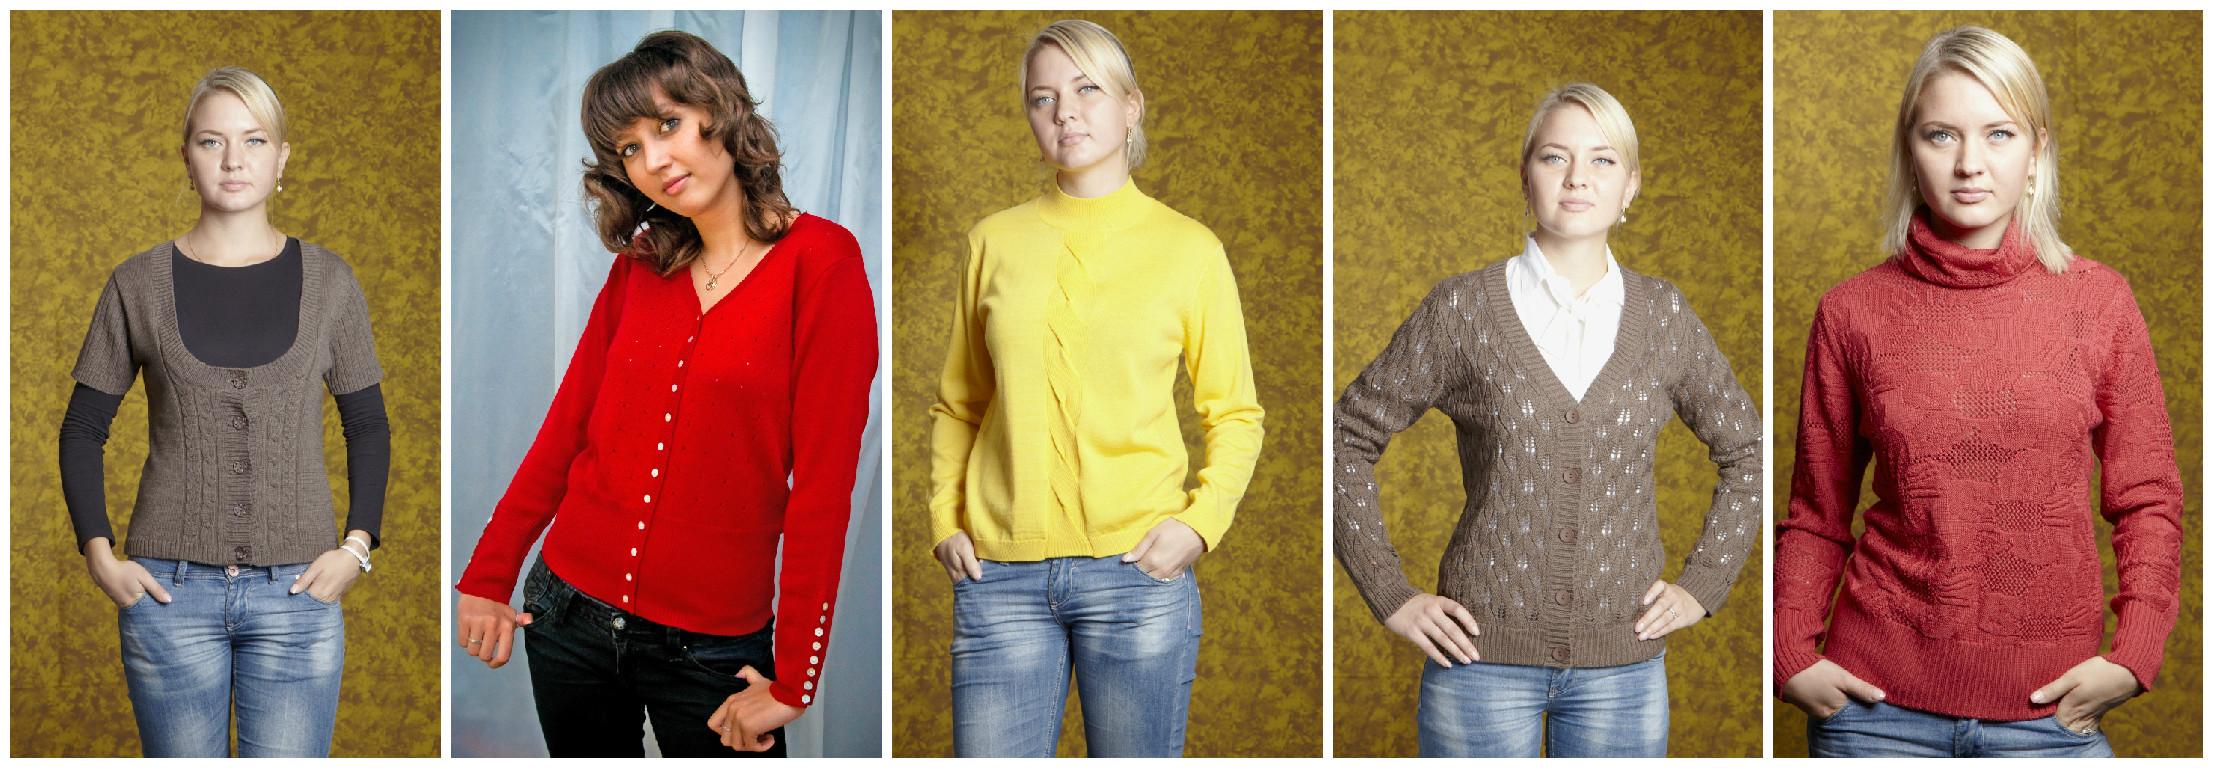 Сбор заказов. Женский вязаный трикотаж из высококачественной мериносной шерсти .Есть распродажа. Джемпера-от 500 руб, жакеты, жилеты от 370 руб , туники и платья ! Размеры 44-70.Выкуп 4